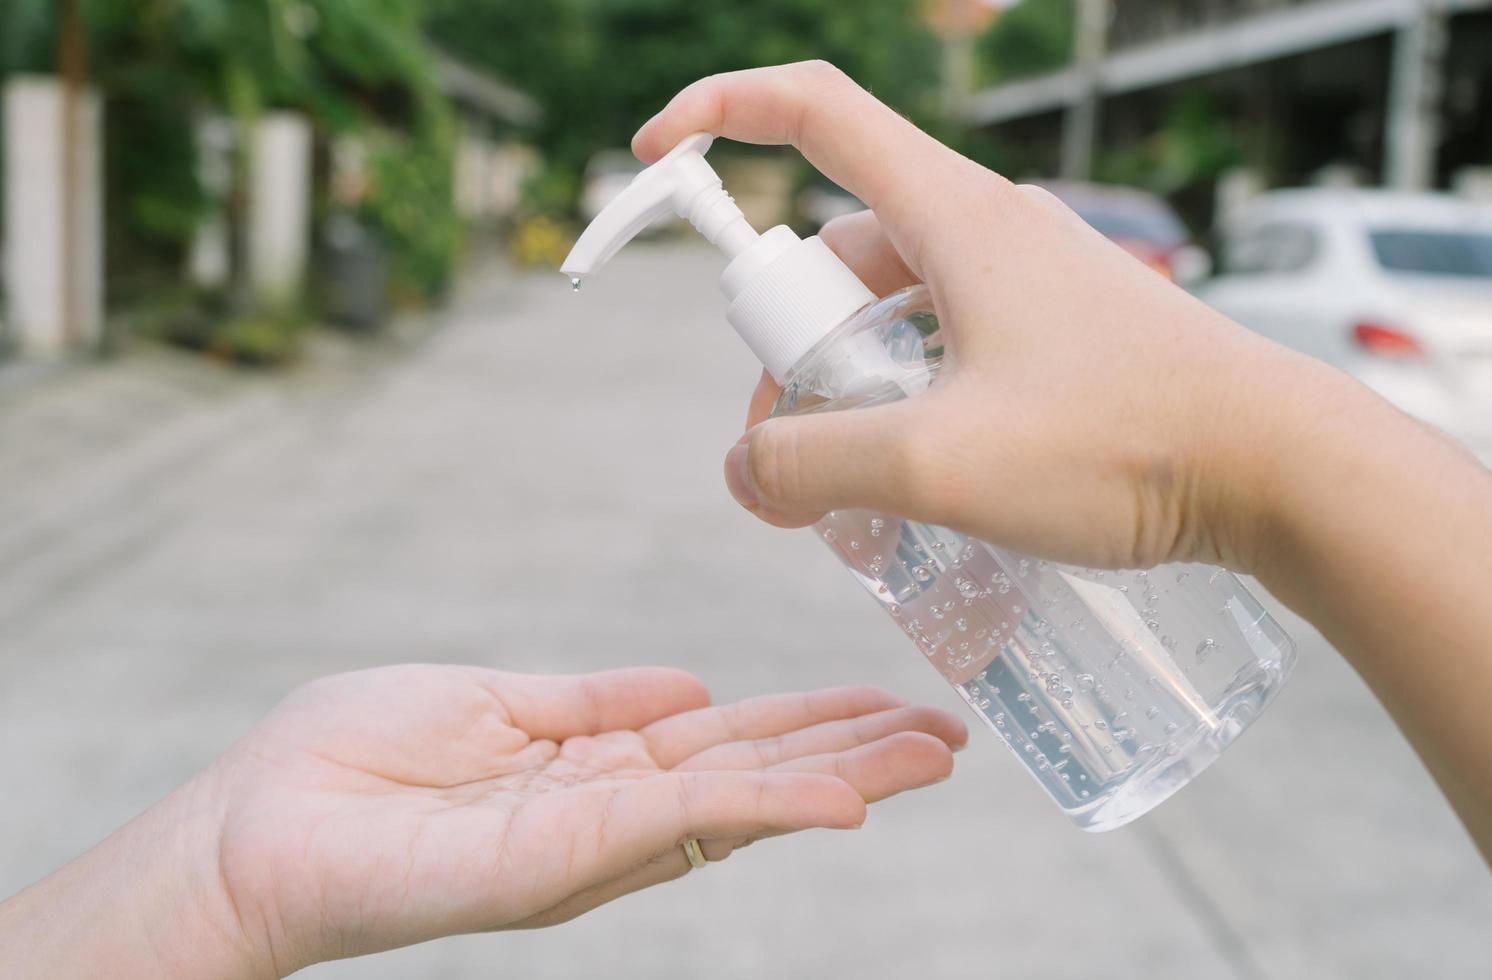 Mujer limpiando la mano con gel de alcohol, concepto de salud foto